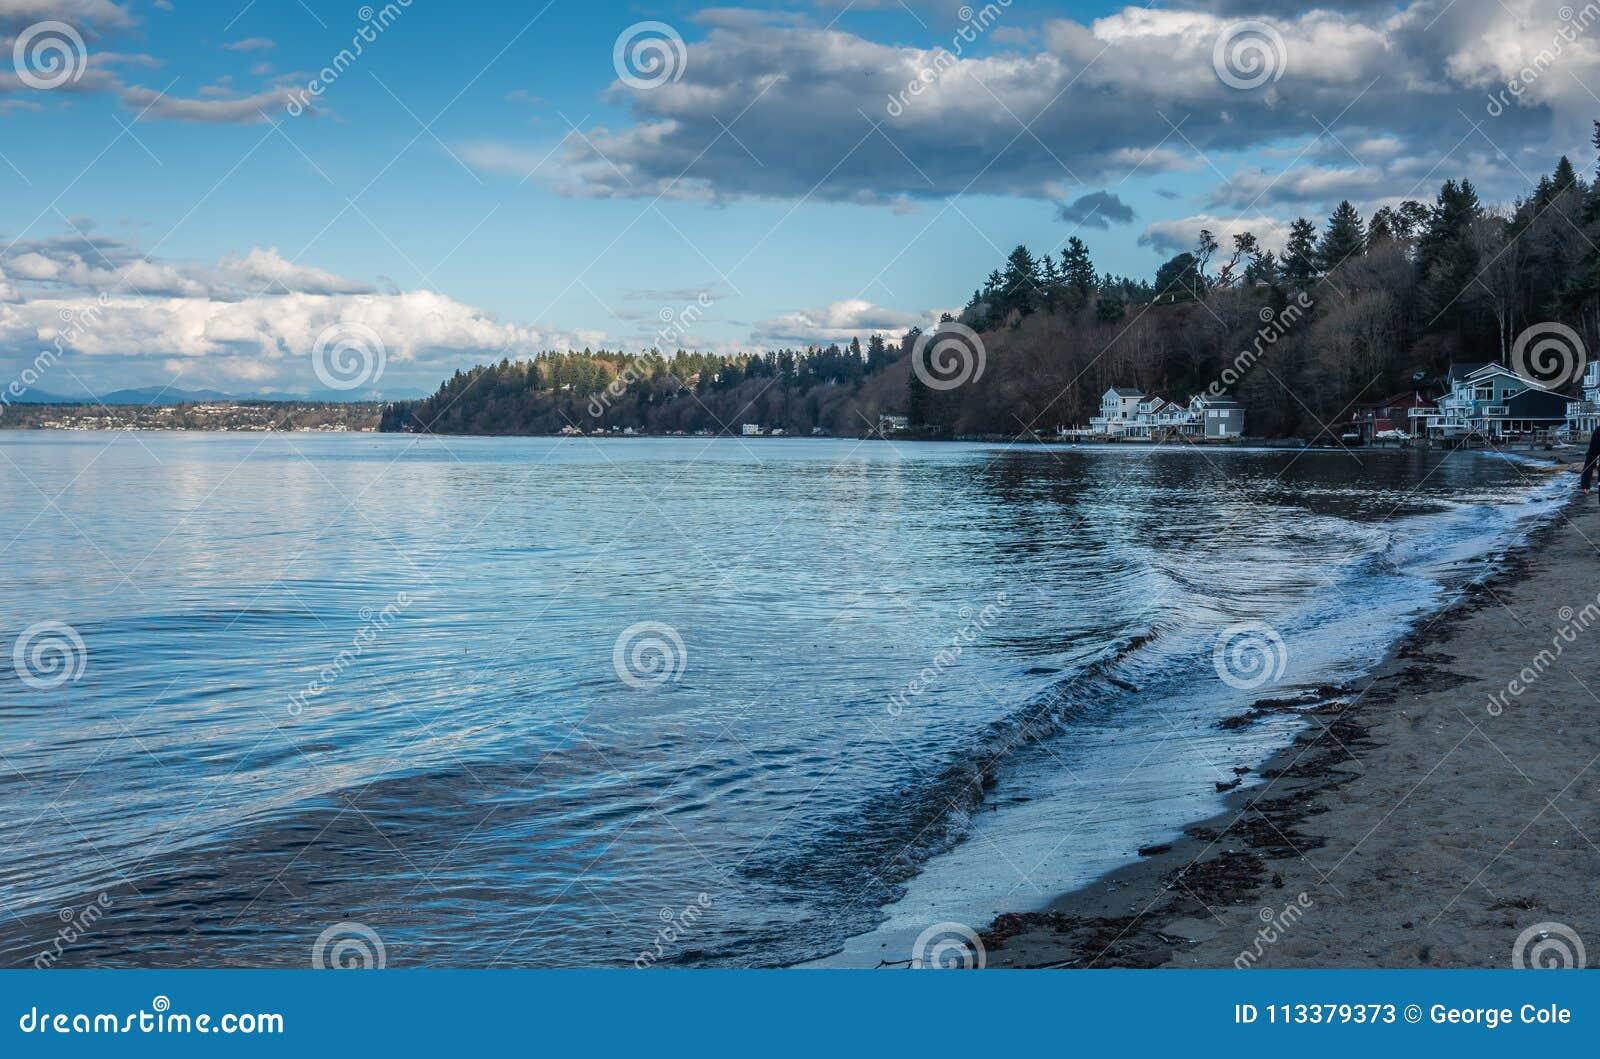 Dash Point Shoreline Landscape